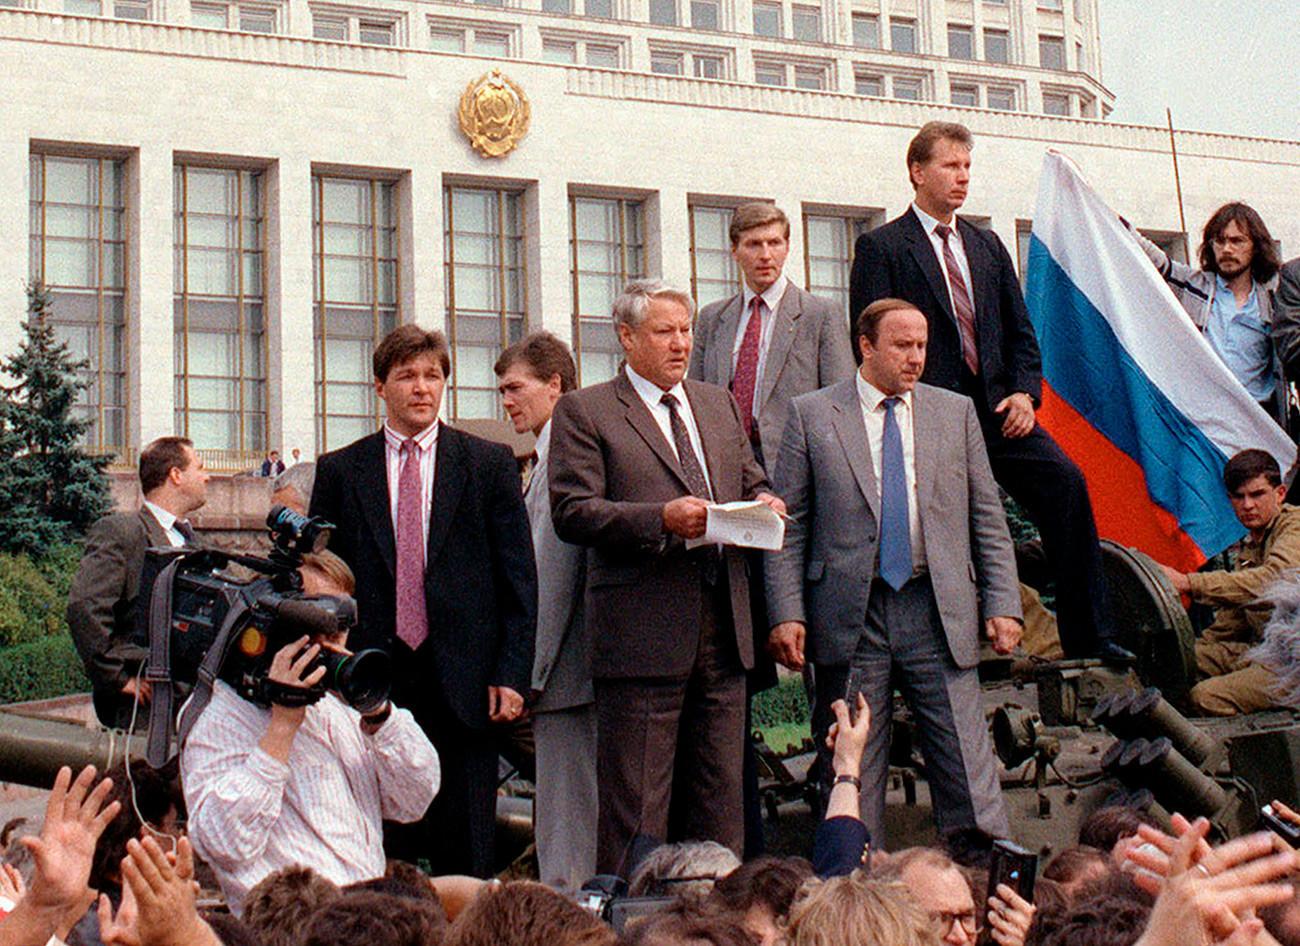 Борис Ельцин обращается к народу с танка